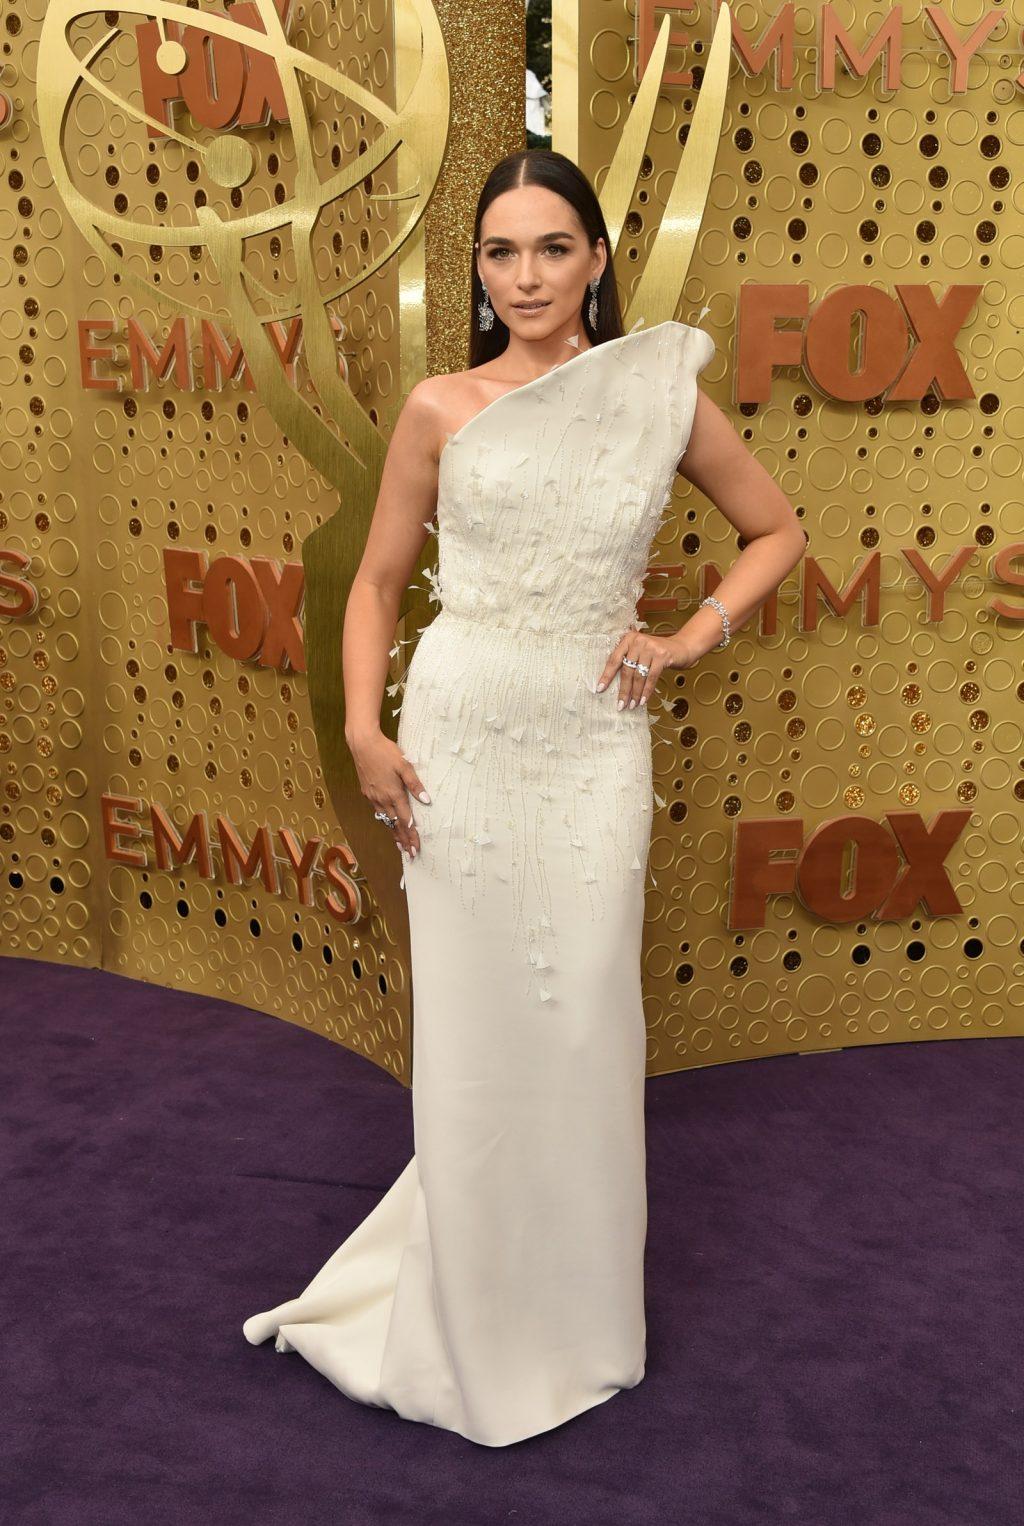 Nữ diễn viên người Ý xuất hiện trong trang phục đươc đính hoa tinh xảo của nhà mốt Antonio Grimaldi.